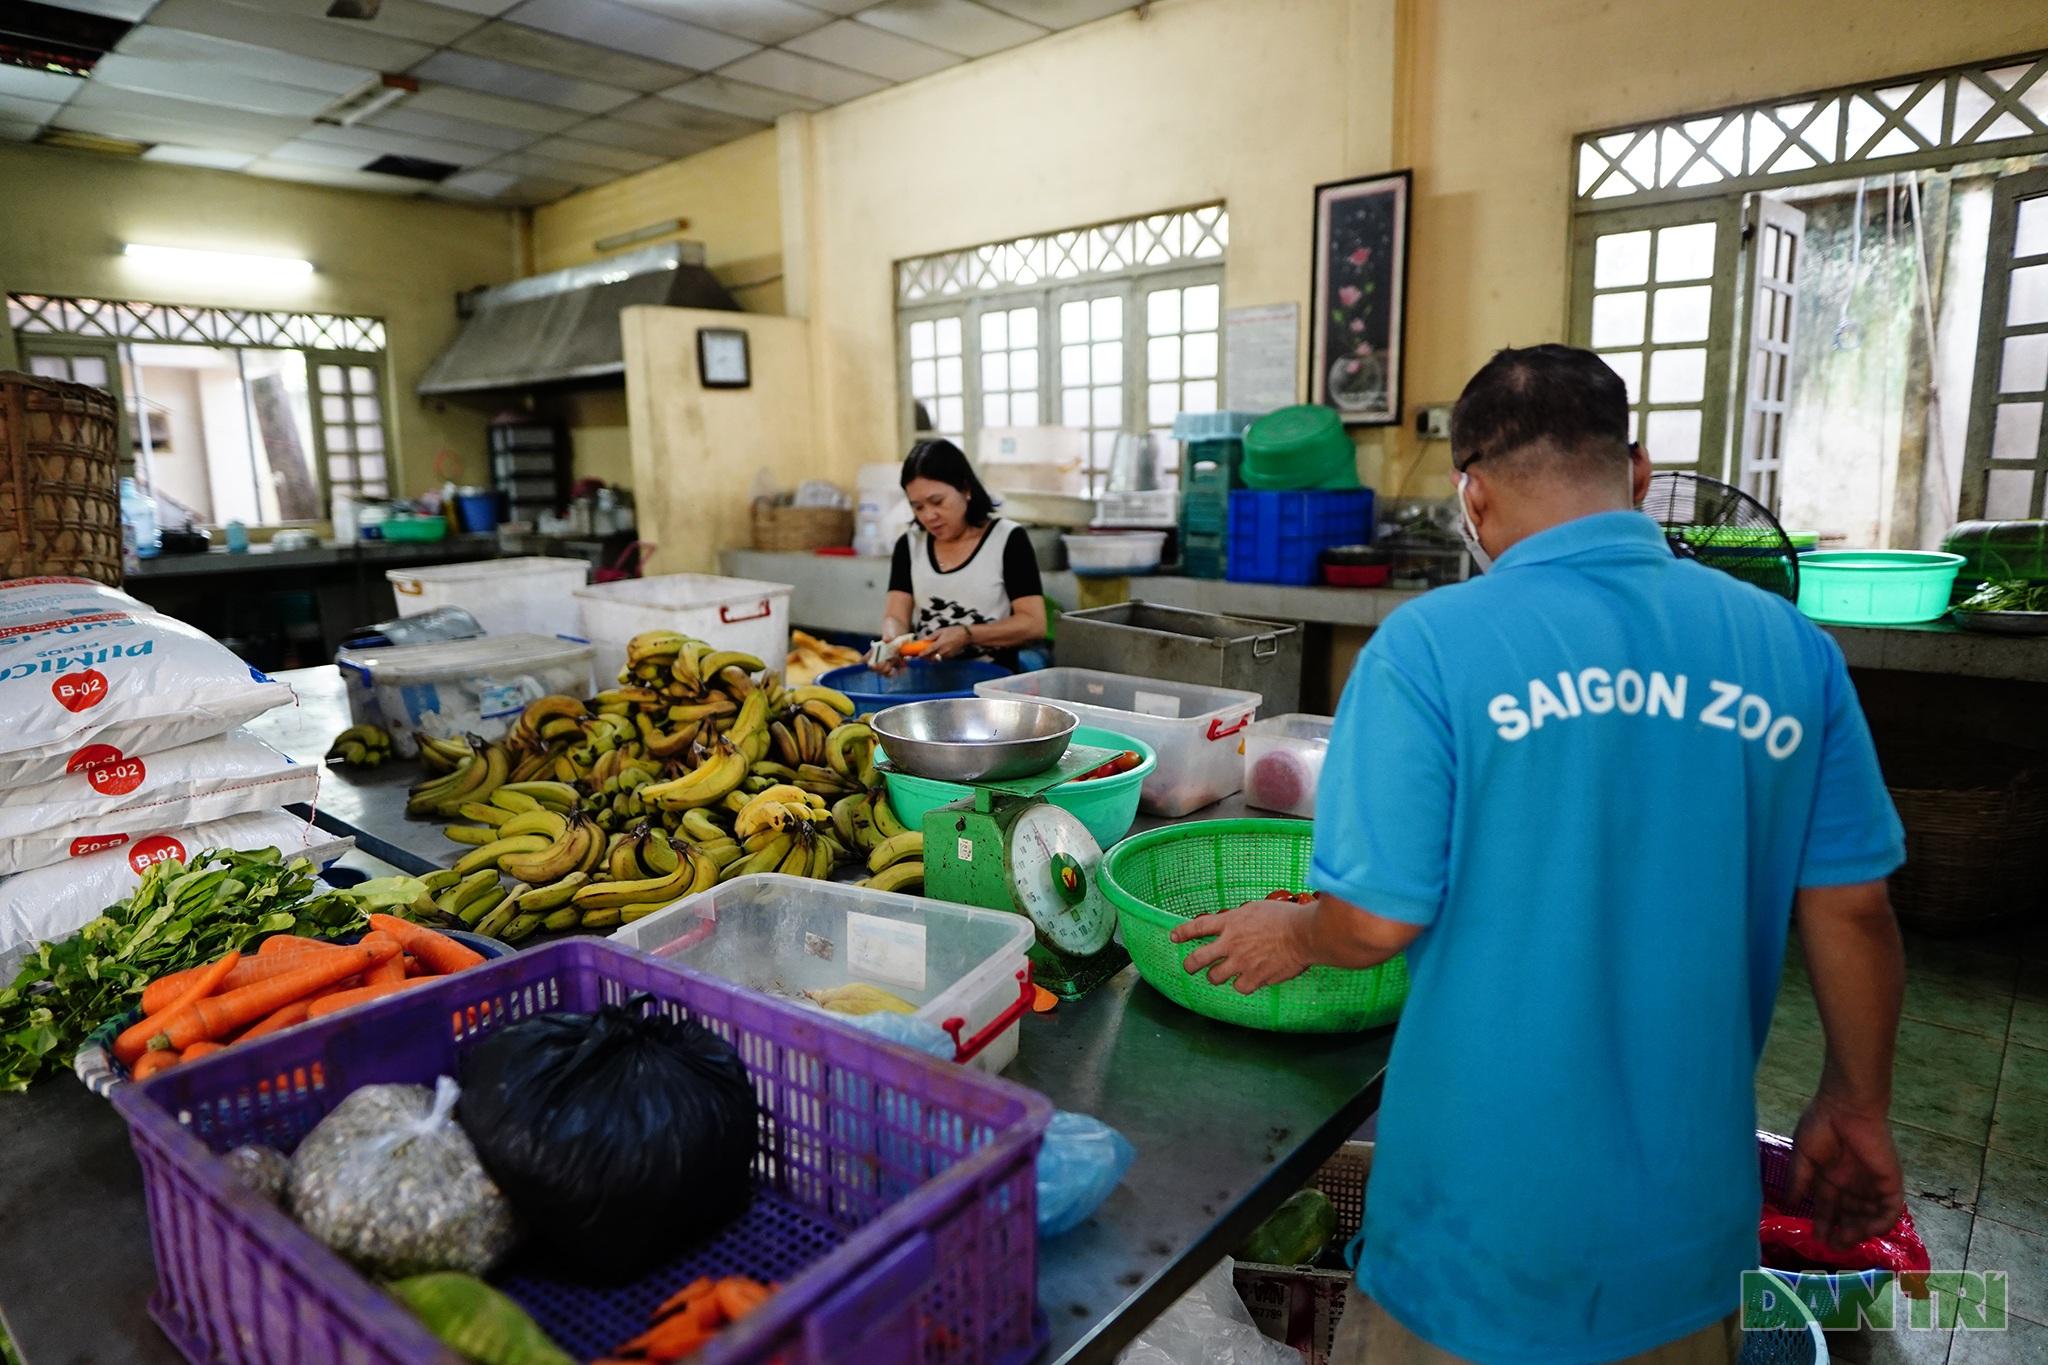 Doanh thu giảm 95%, nhân viên giảm lương để đảm bảo phần ăn cho thú - 2